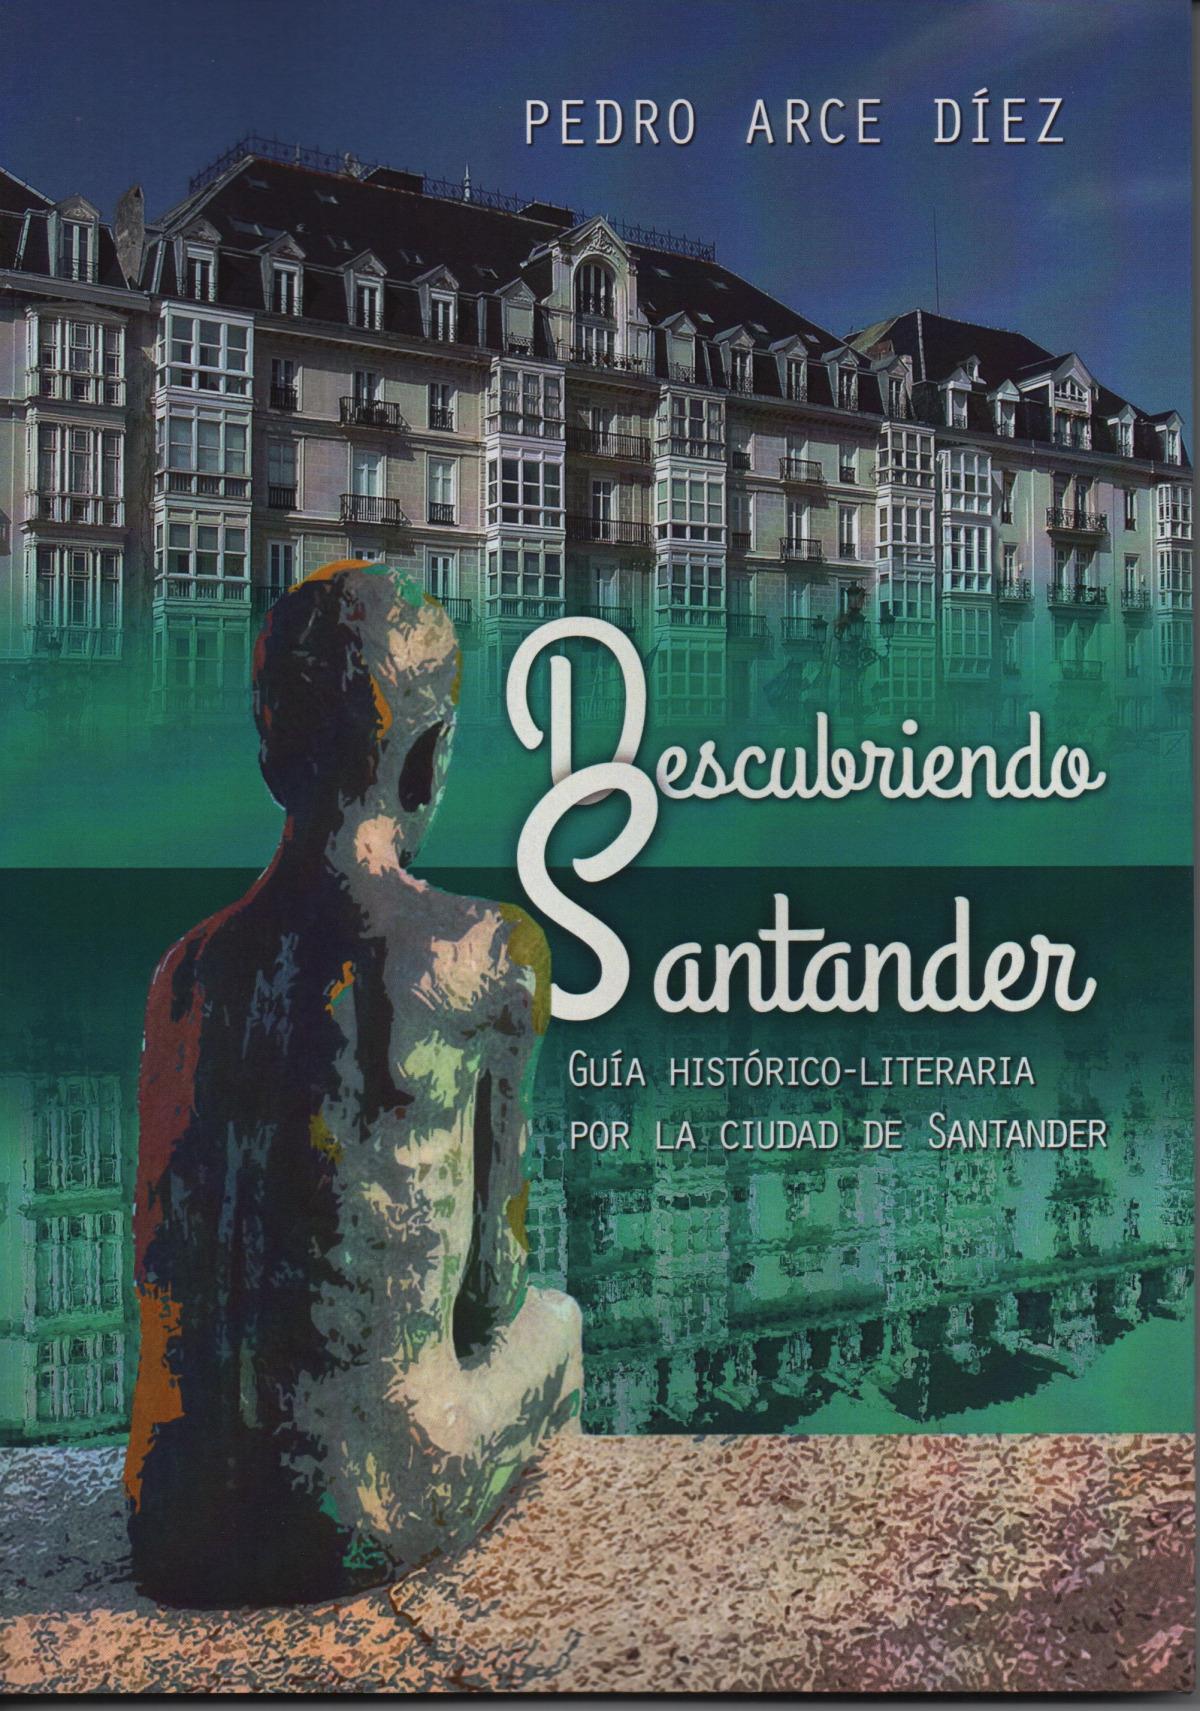 DESCUBRIENDO SANTANDER GUIA HISTORICO LITERARIA POR LA CIUDAD DE SANTANDER